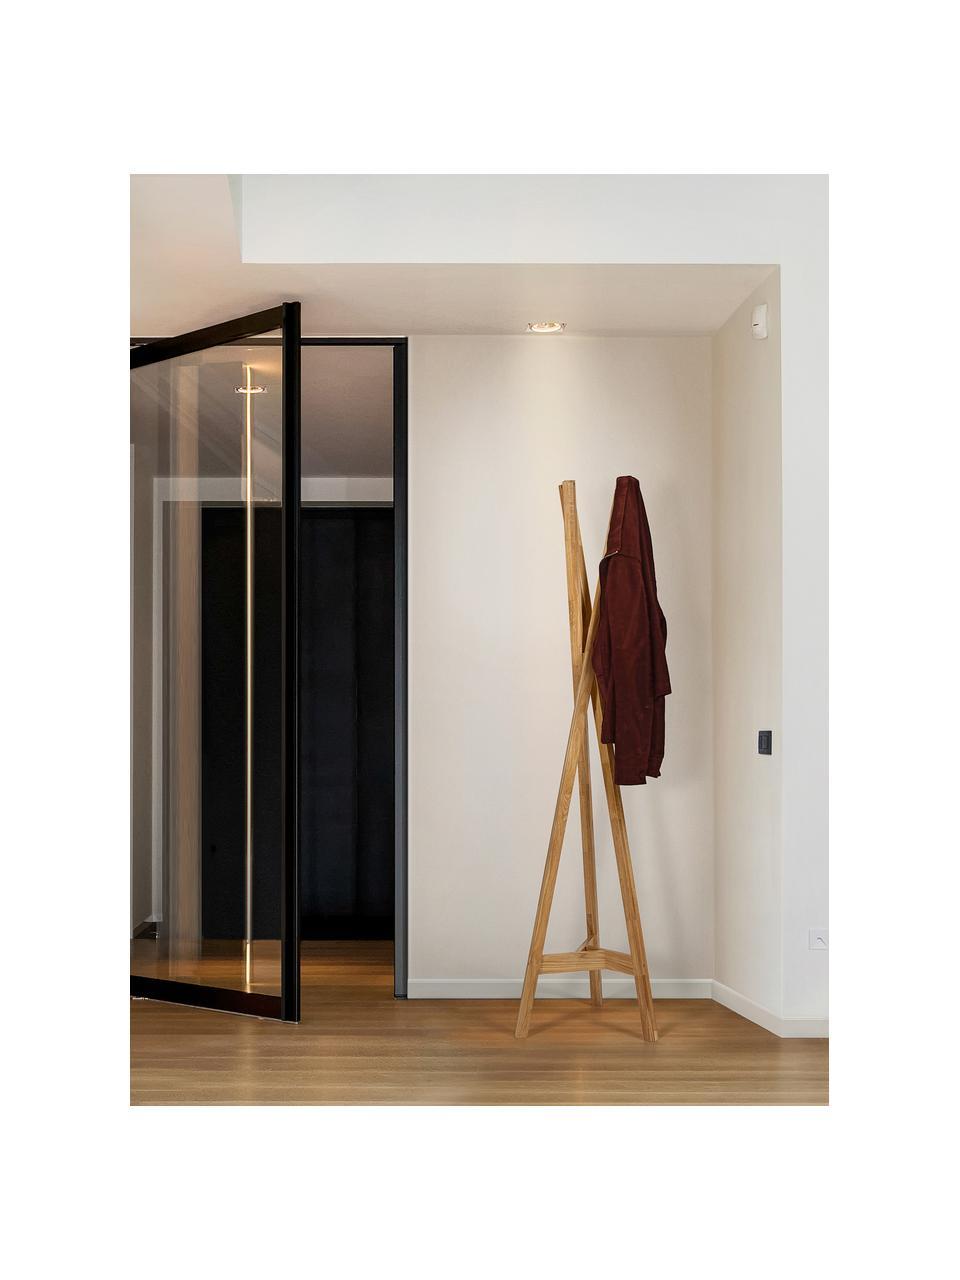 Wieszak stojący z drewna dębowego Clift, Lite drewno dębowe, Drewno dębowe, S 35 x W 175 cm